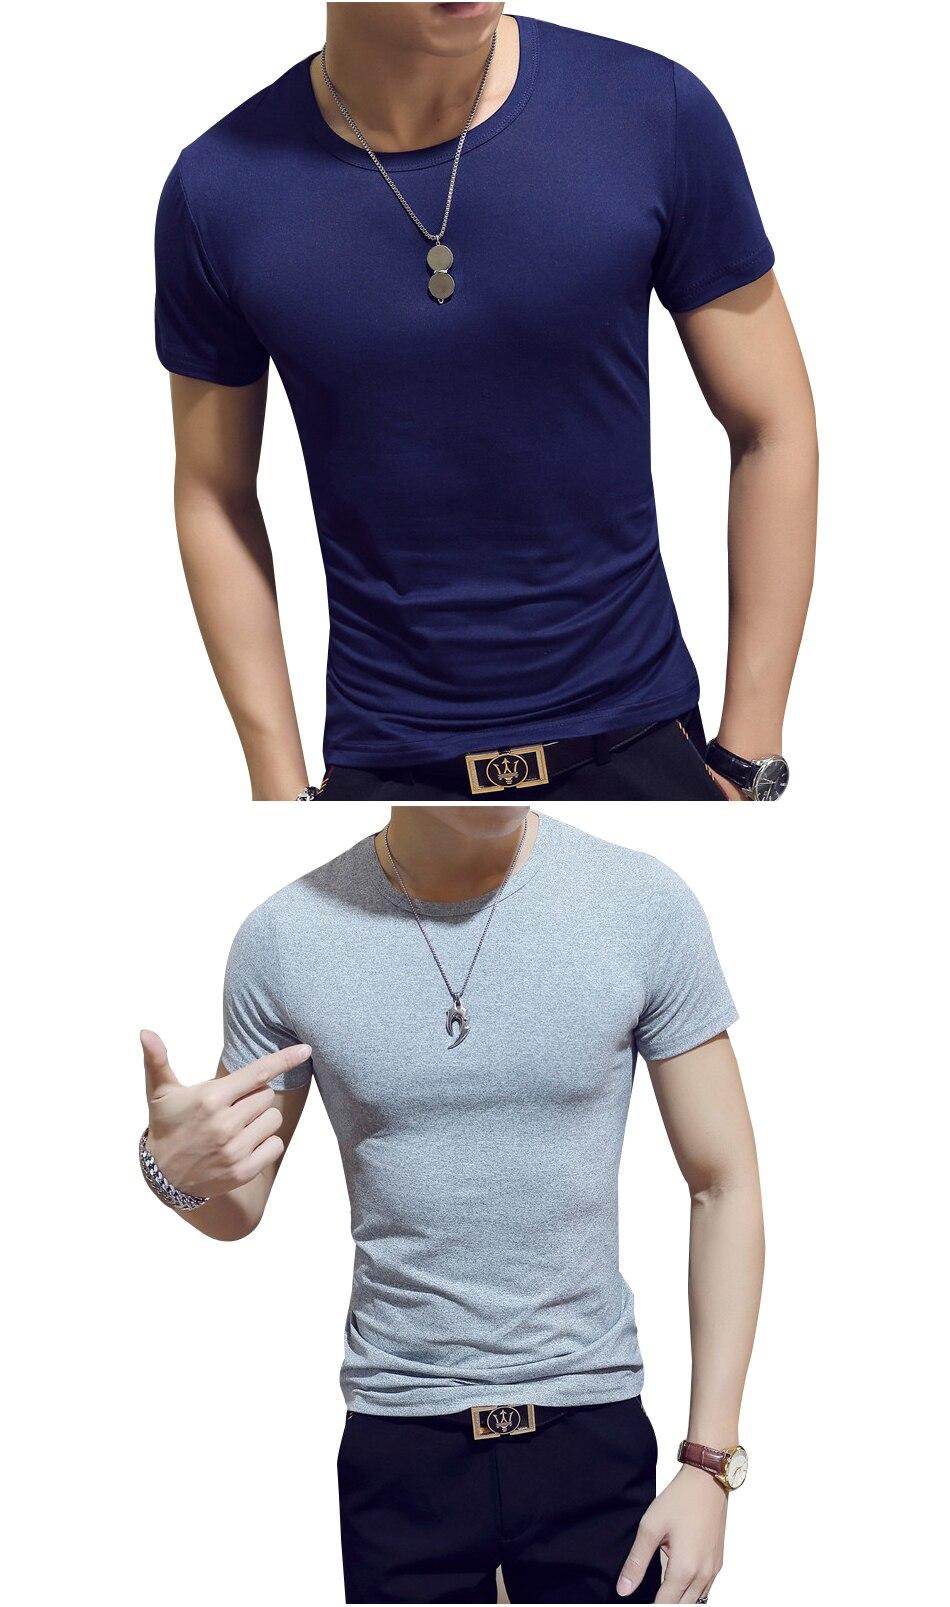 Compression Clothing Hommes Fun Musculation Homme De Tops Armée Shirt D'été Solide Manches Courtes Couleur T Mens À Mode j35ALc4Rq